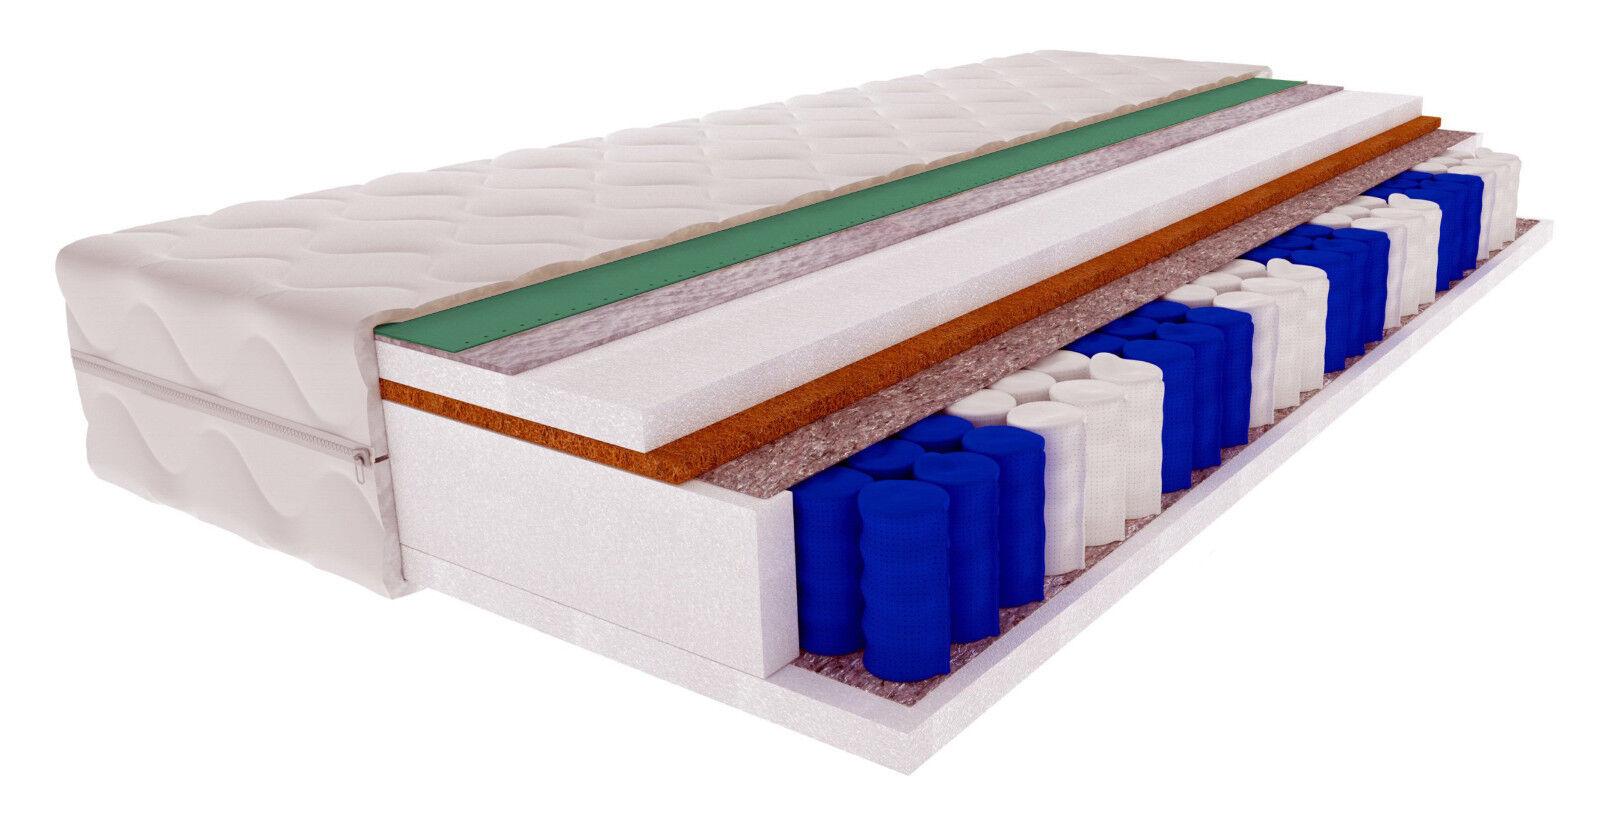 Matratze mit Kokos 9 Zone BOHOL Taschenfederkern Control Cooling Technology 20